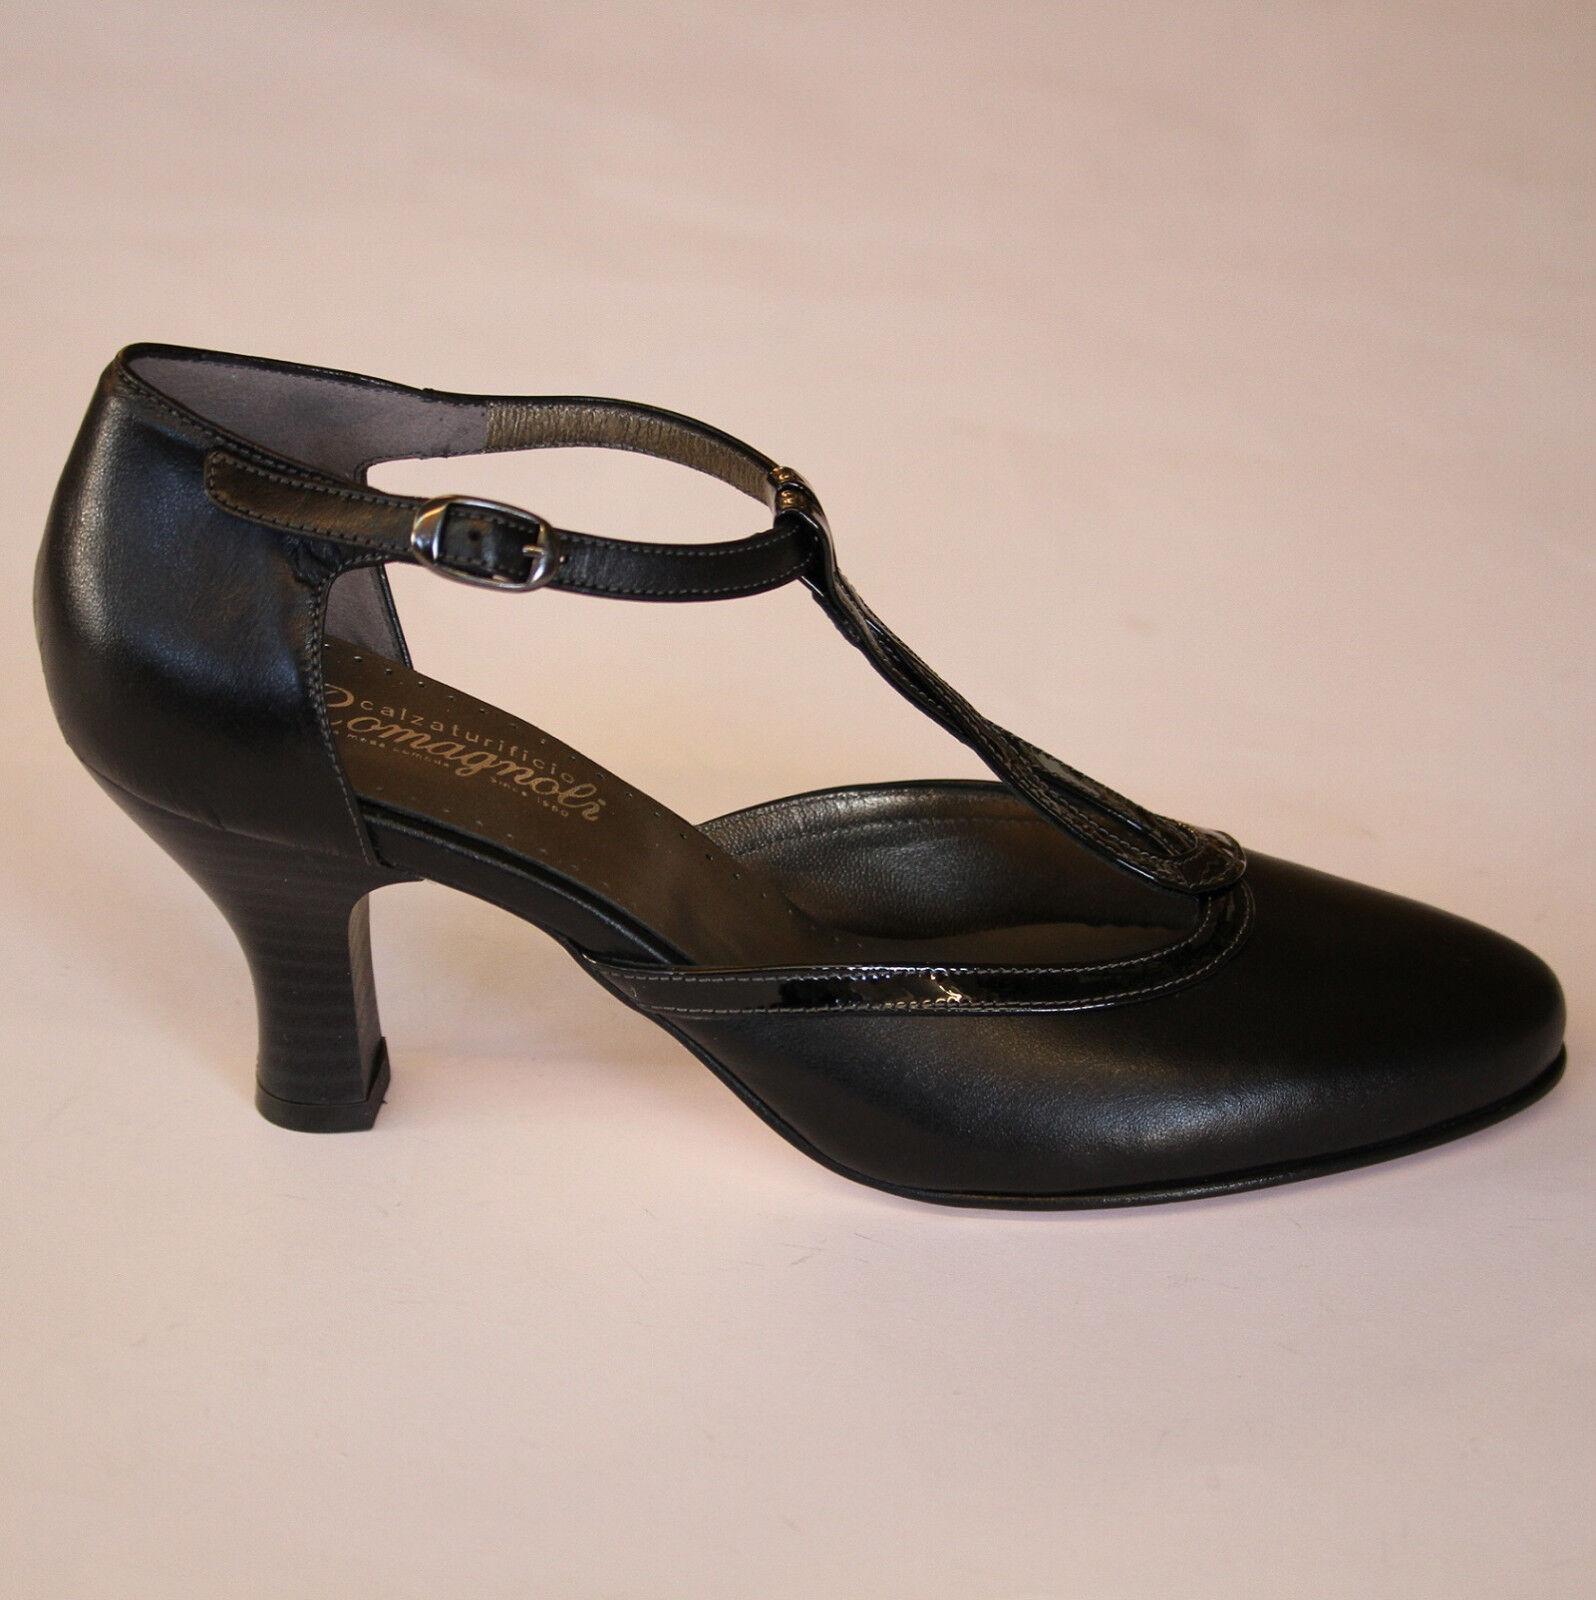 ROMAGNOLI scarpa aperta elegante DONNA ballo  pelle cuoio italiana nero 1589